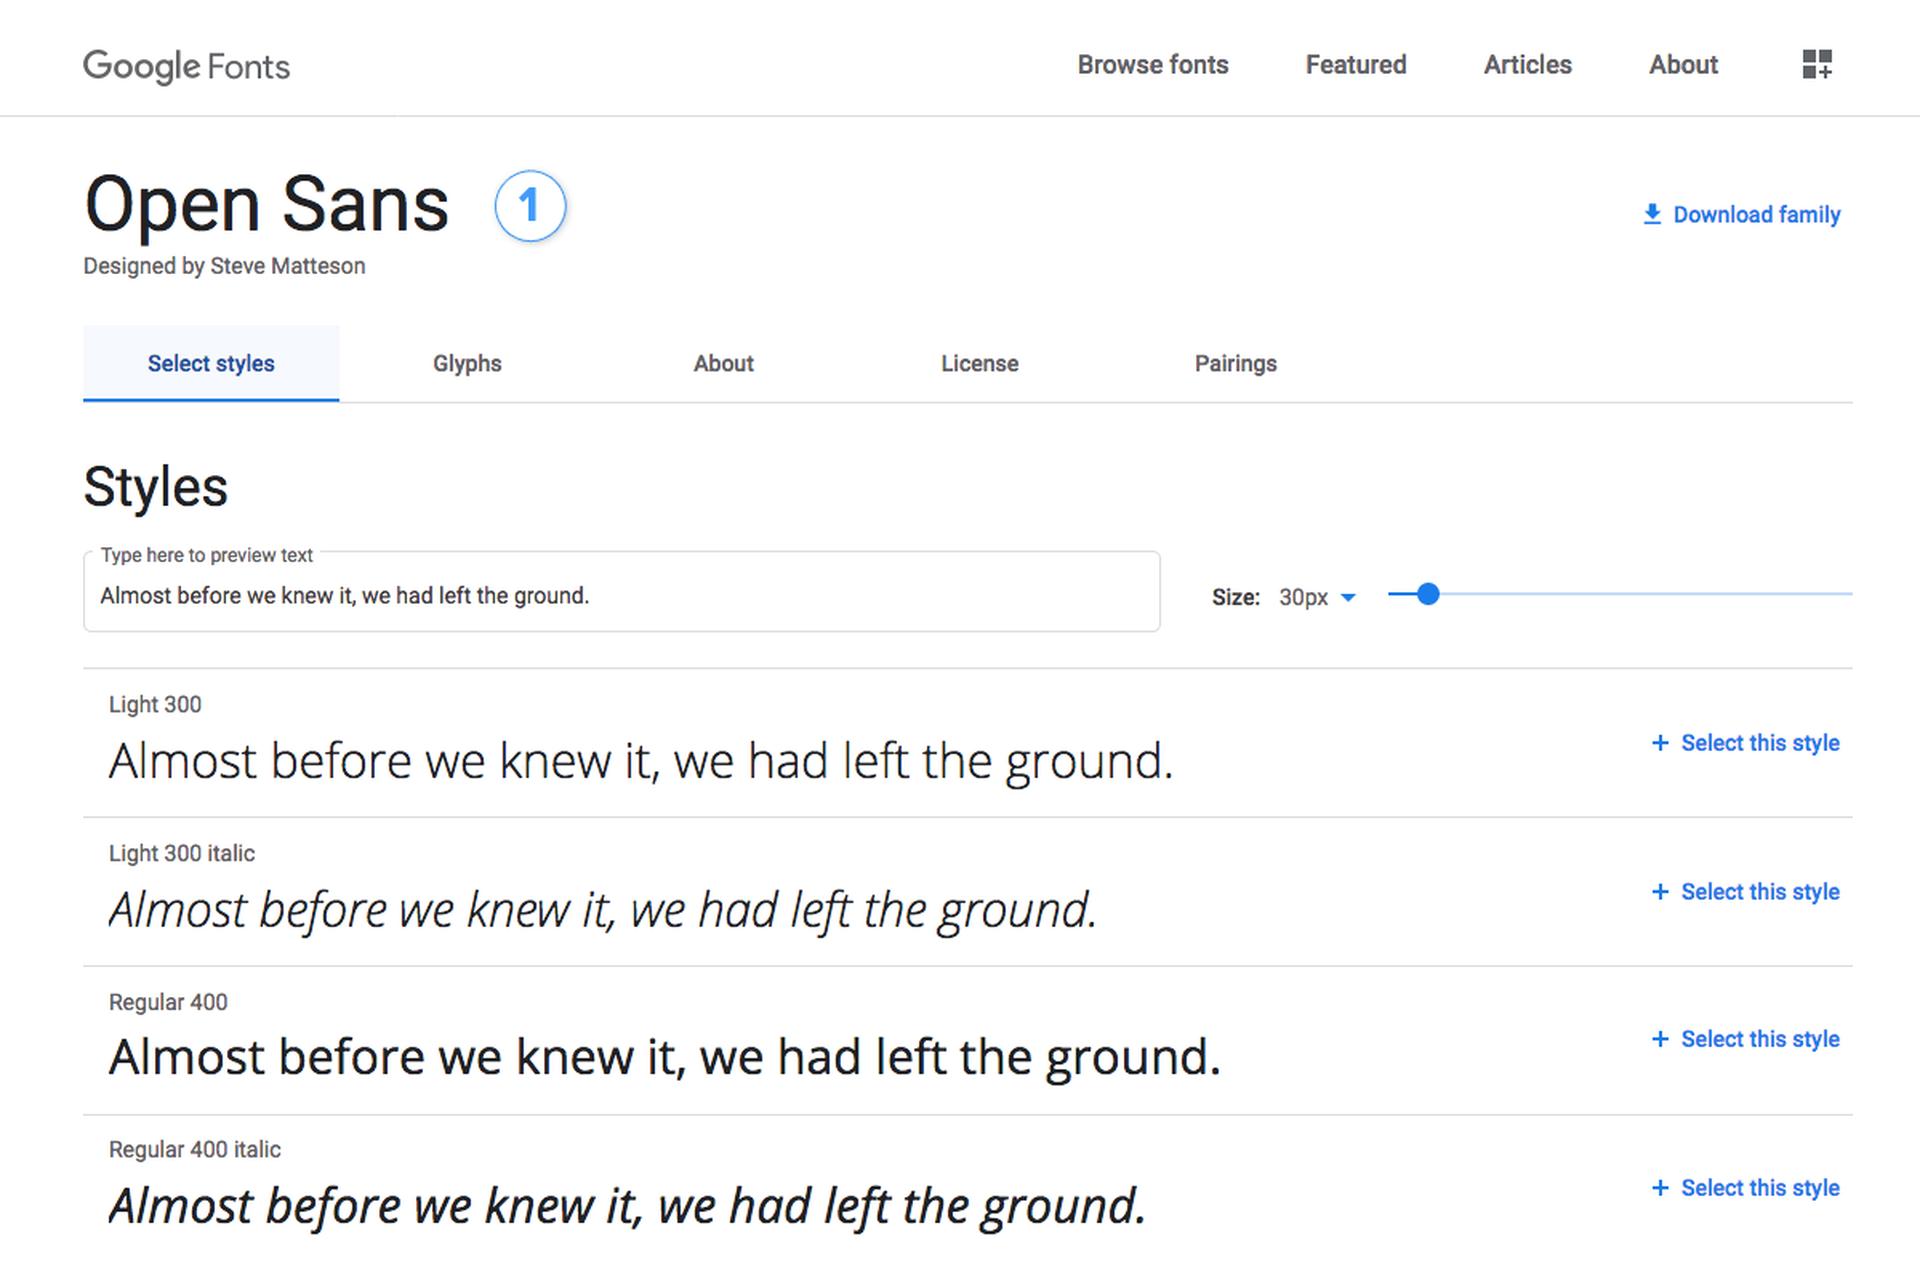 Adding Google Fonts